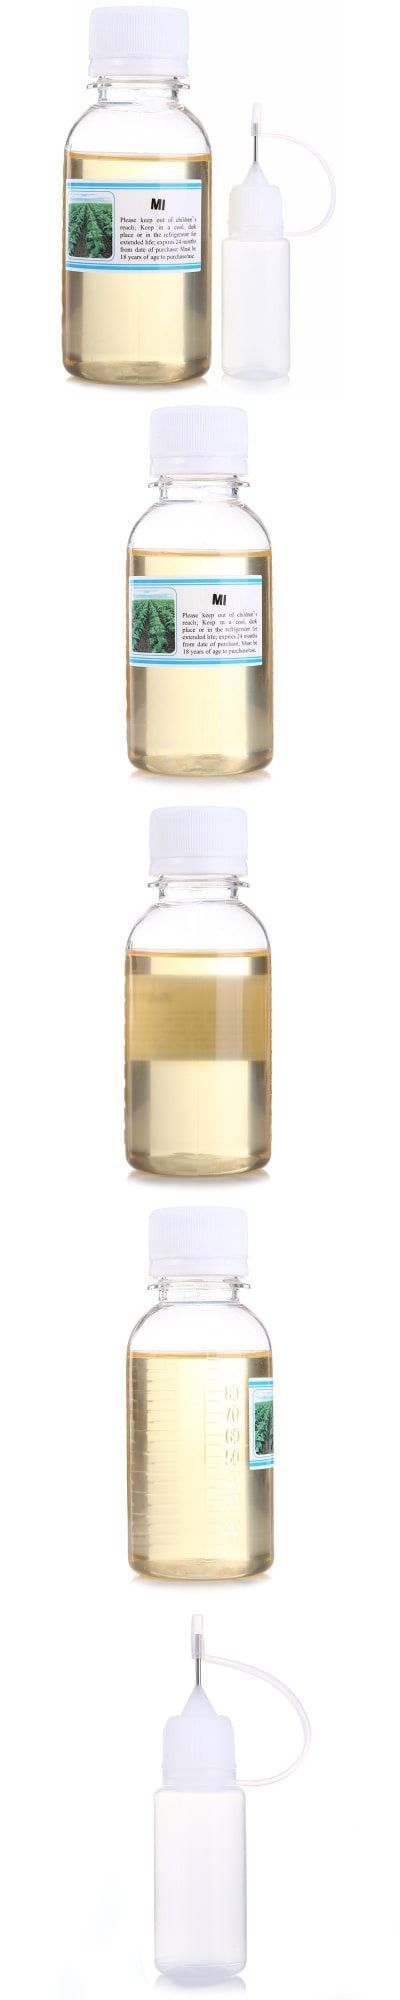 Mint Flavor E-liquid for E Cigarette 12MG 100ML | E-liquid